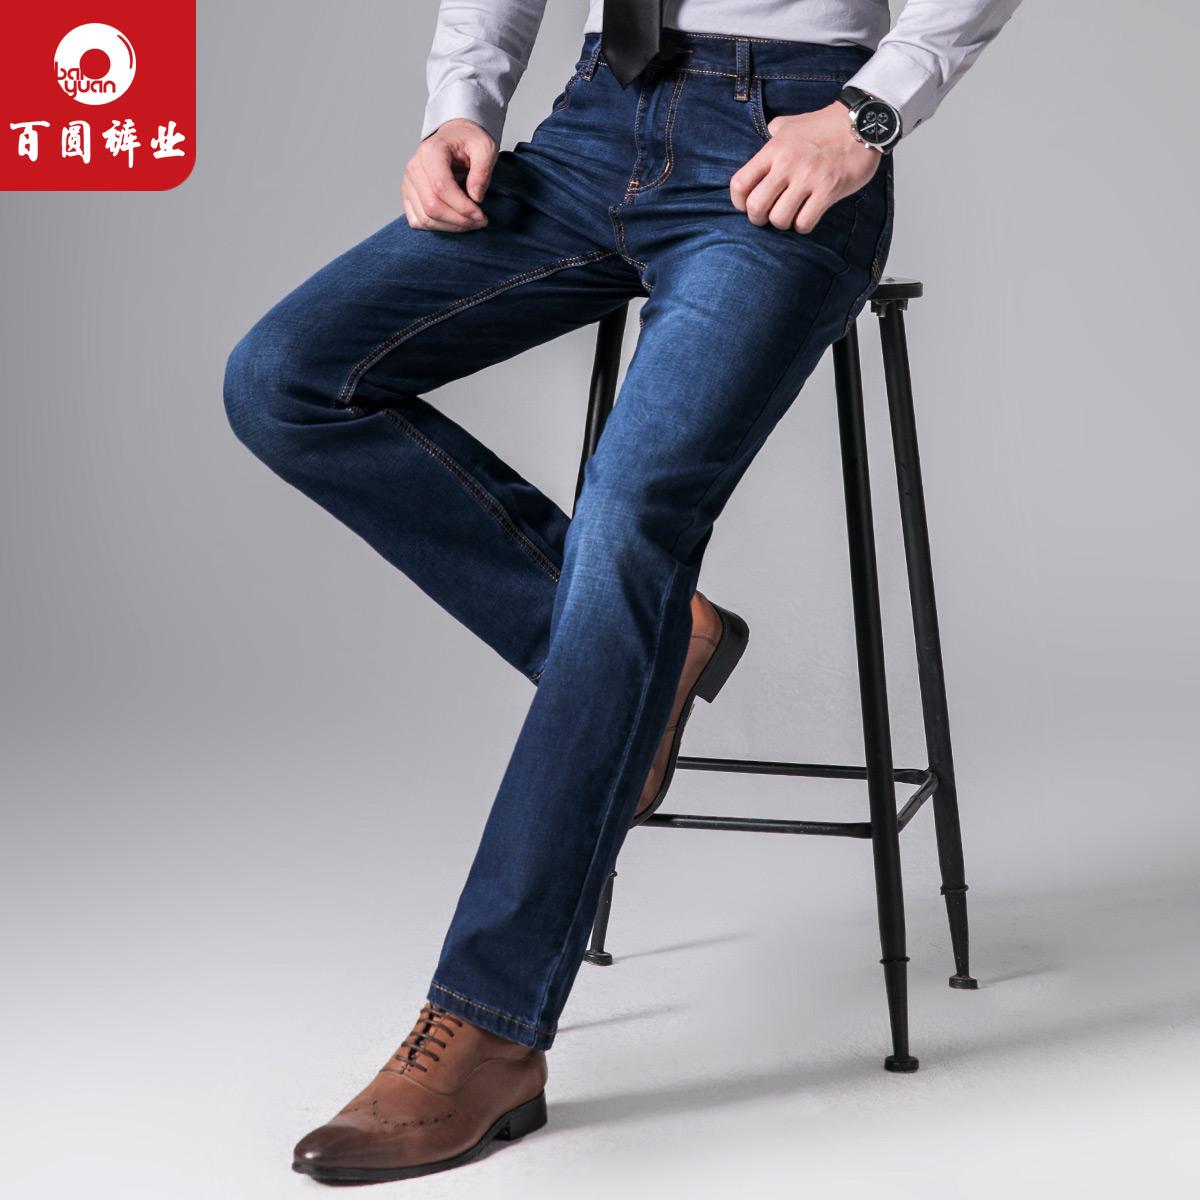 百圆裤业商务牛仔裤男秋冬蓝黑色牛仔长裤直筒牛子裤男裤休闲大码